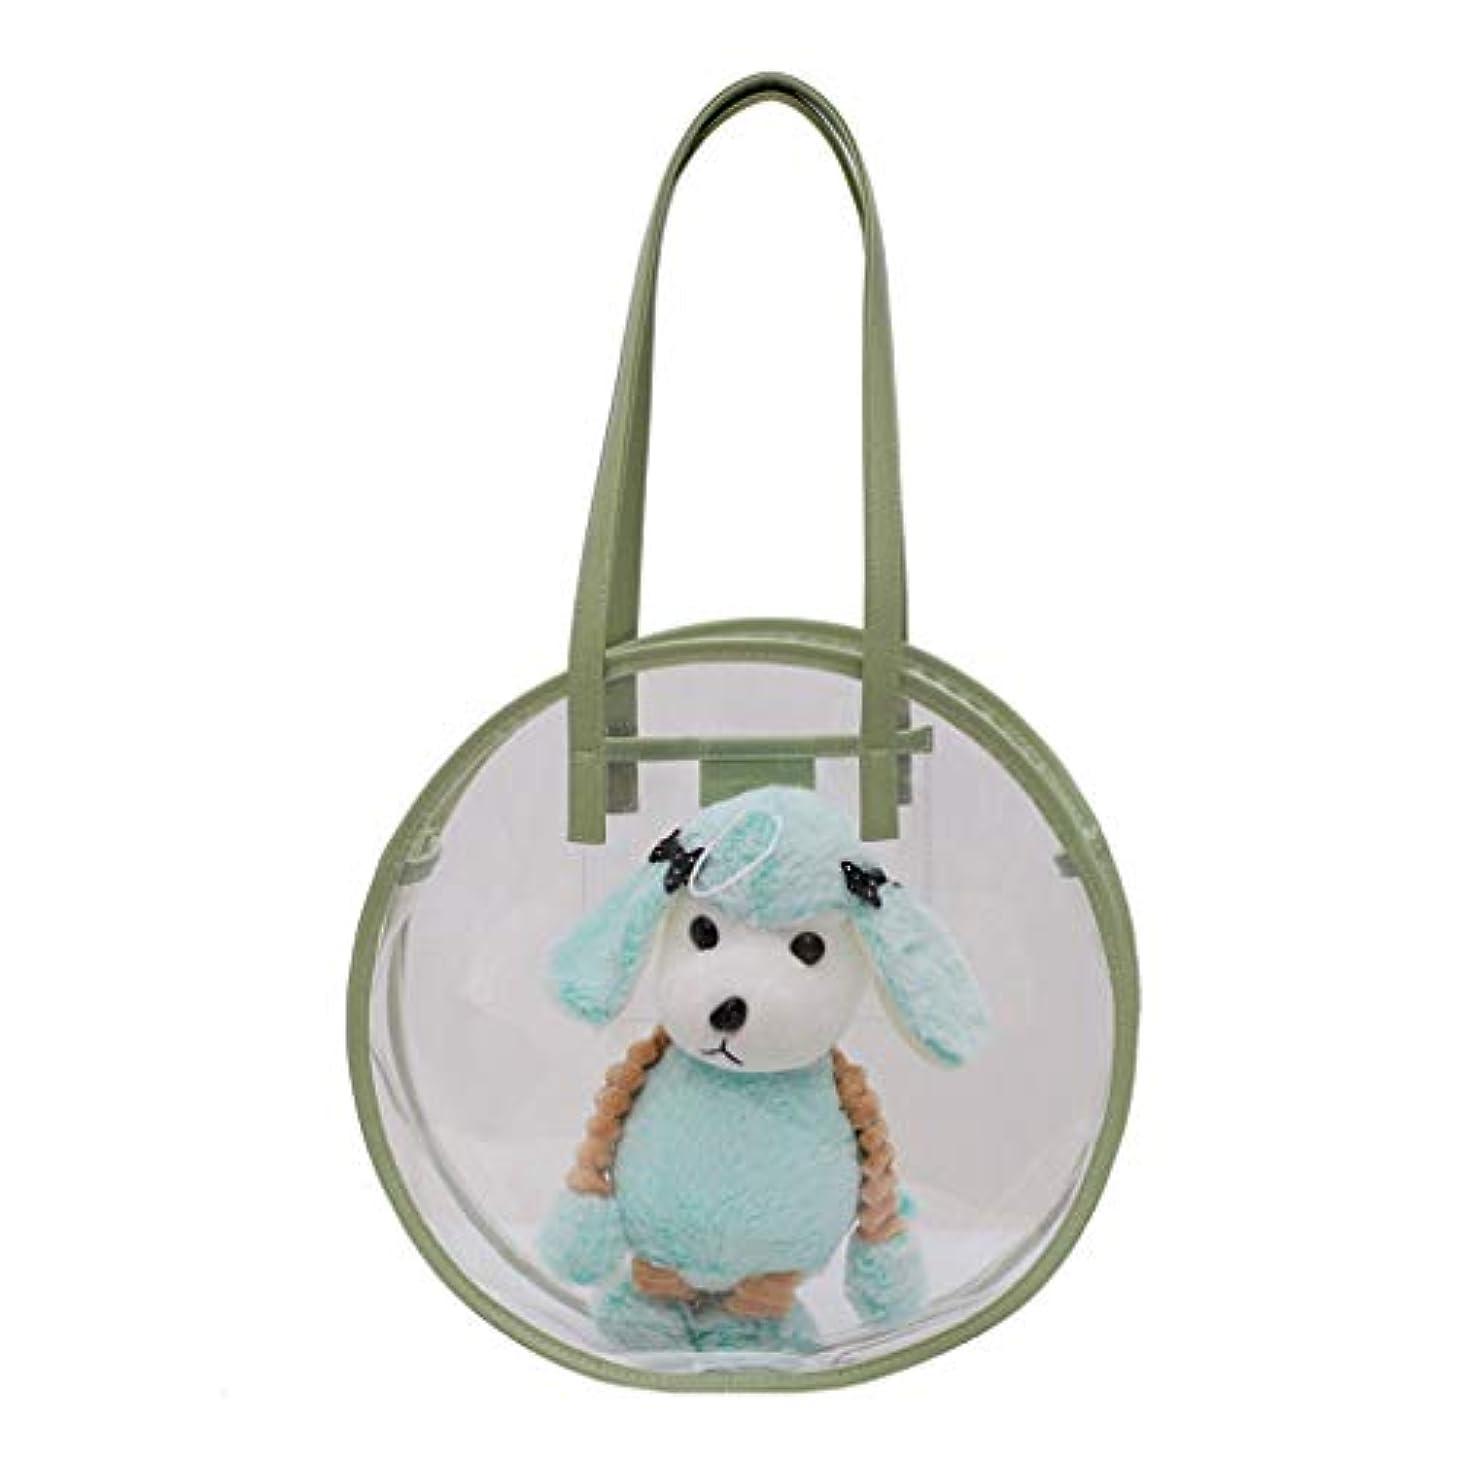 水陸両用原油美的かわいいファッション 犬の特徴 透明防水 ビーチバッグ ポータブル 透明化粧品バッグ 旅行用メイクポーチ ジッパー 防水 トートバッグ 取り外し可能 調整 33X9X33cm 3色